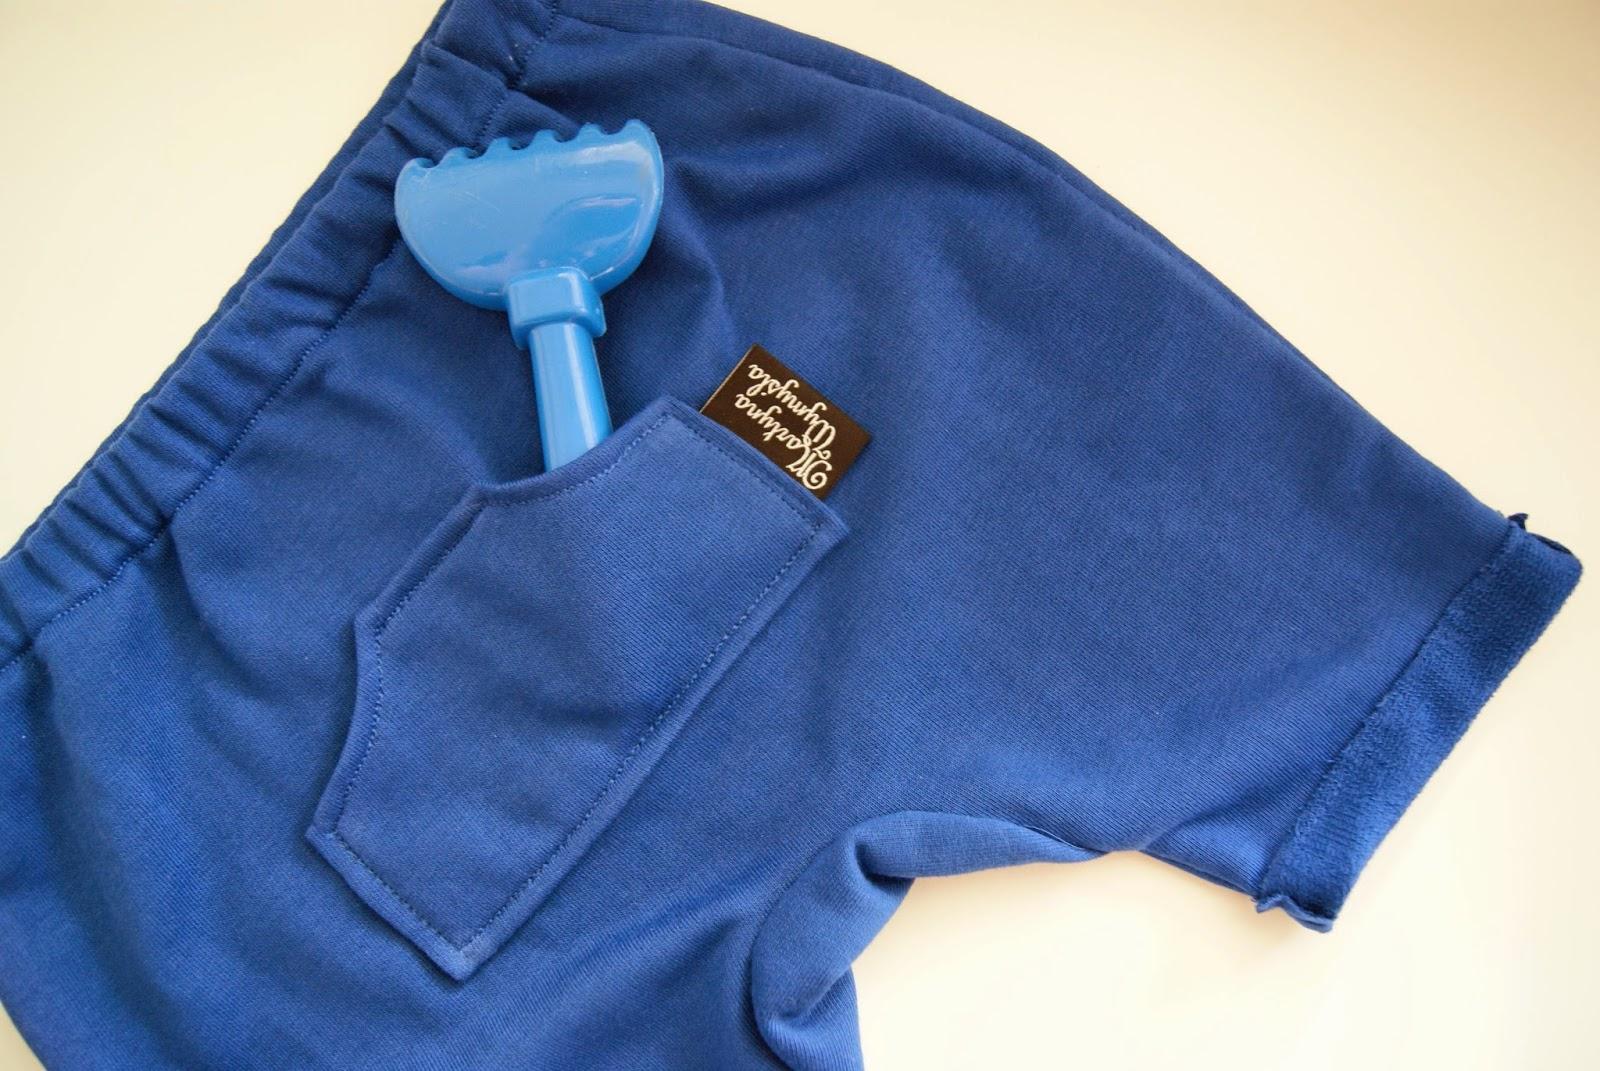 letnie spodnie dresowe dla dziecka